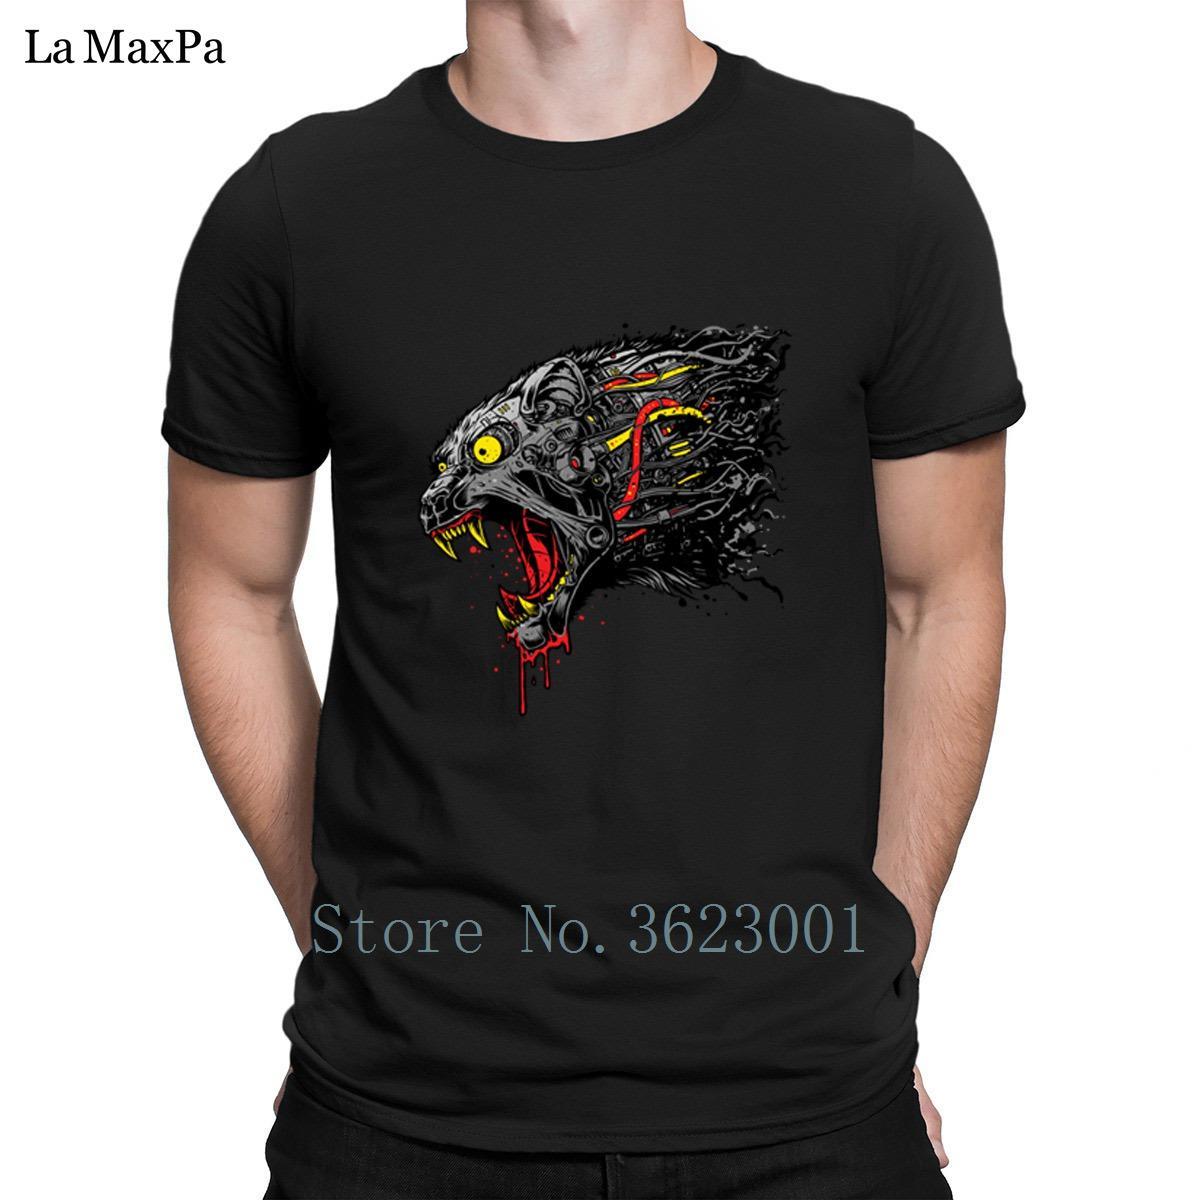 Печатные буквы футболка для мужчин кибер Пантера футболка мужская одежда футболка модная мужская футболка хлопок подарок